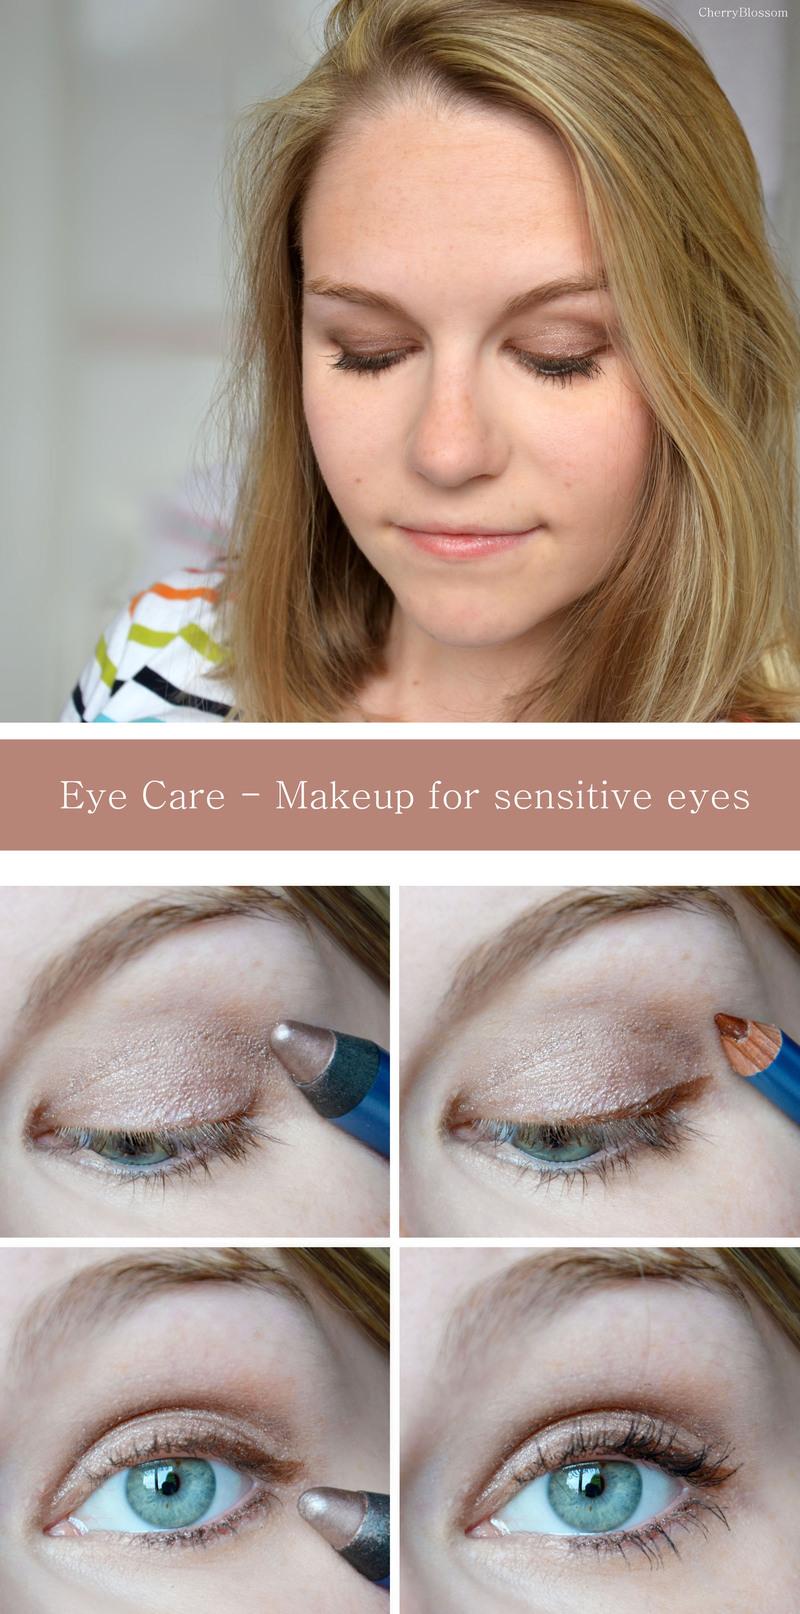 Comment se maquiller lorsqu'on a les yeux sensibles ?